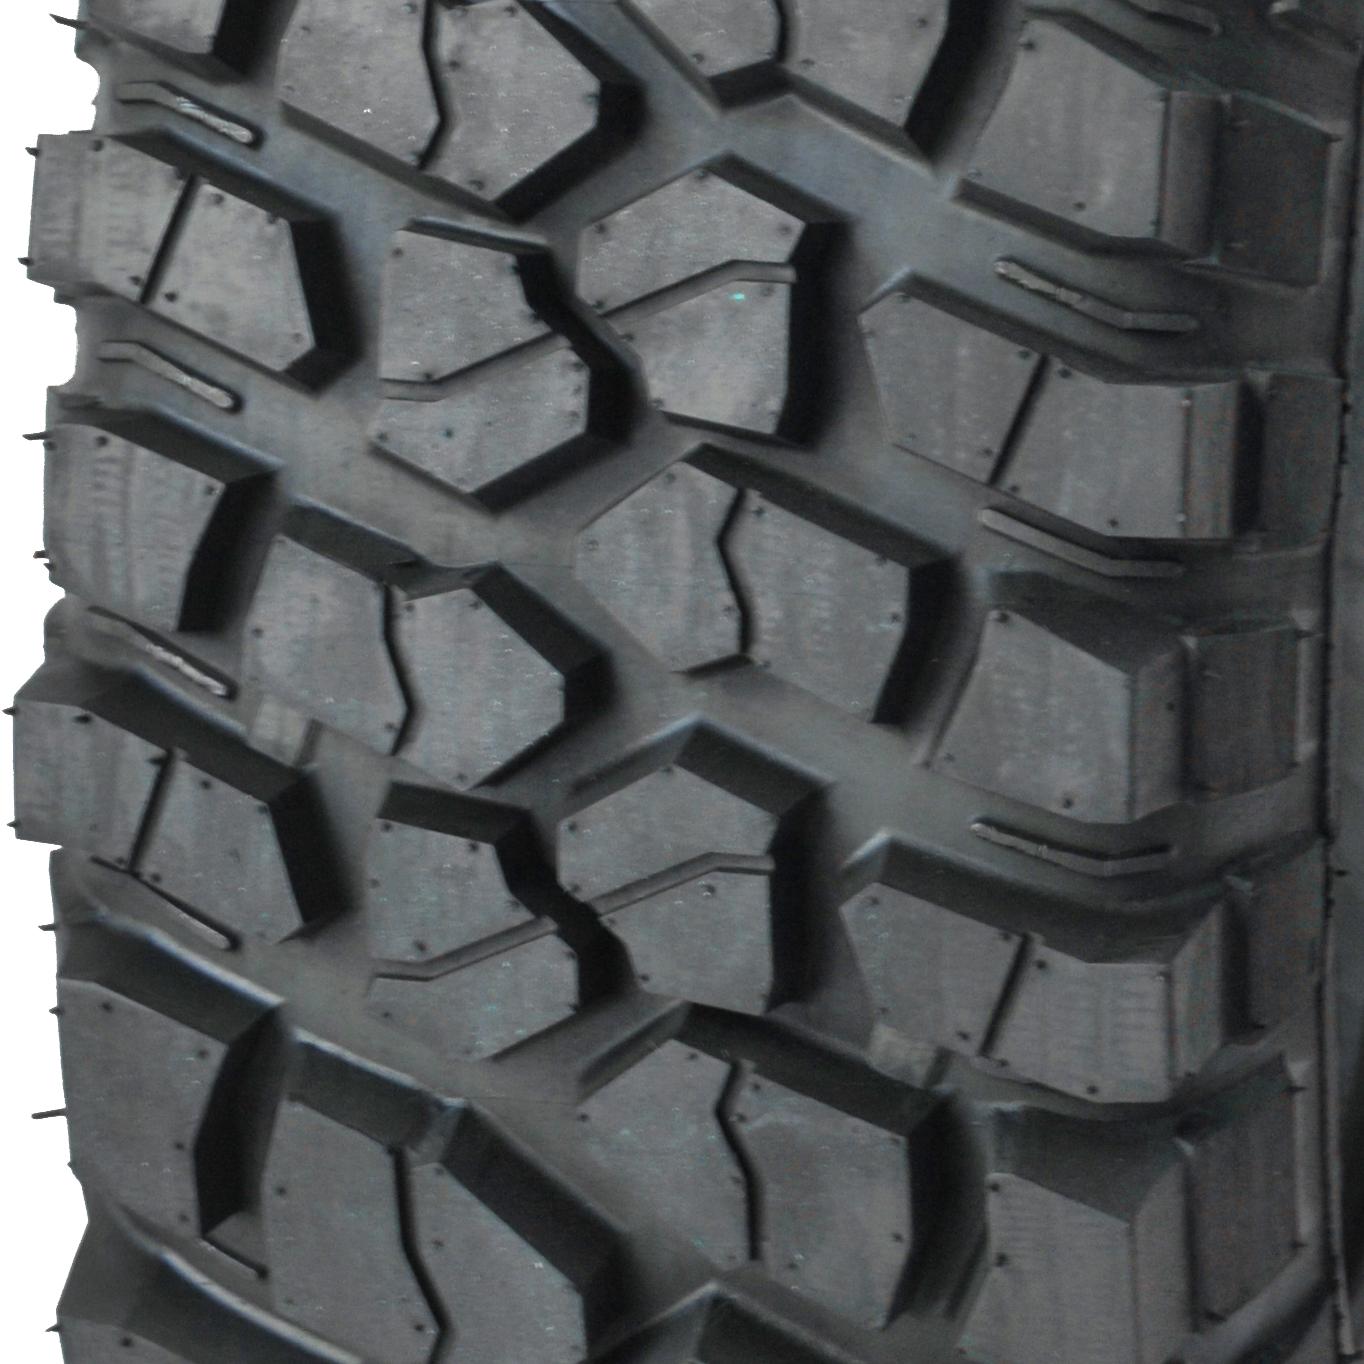 e1edb9032 Off-road tire K2 265 70 R15 Italian company Pneus Ovada